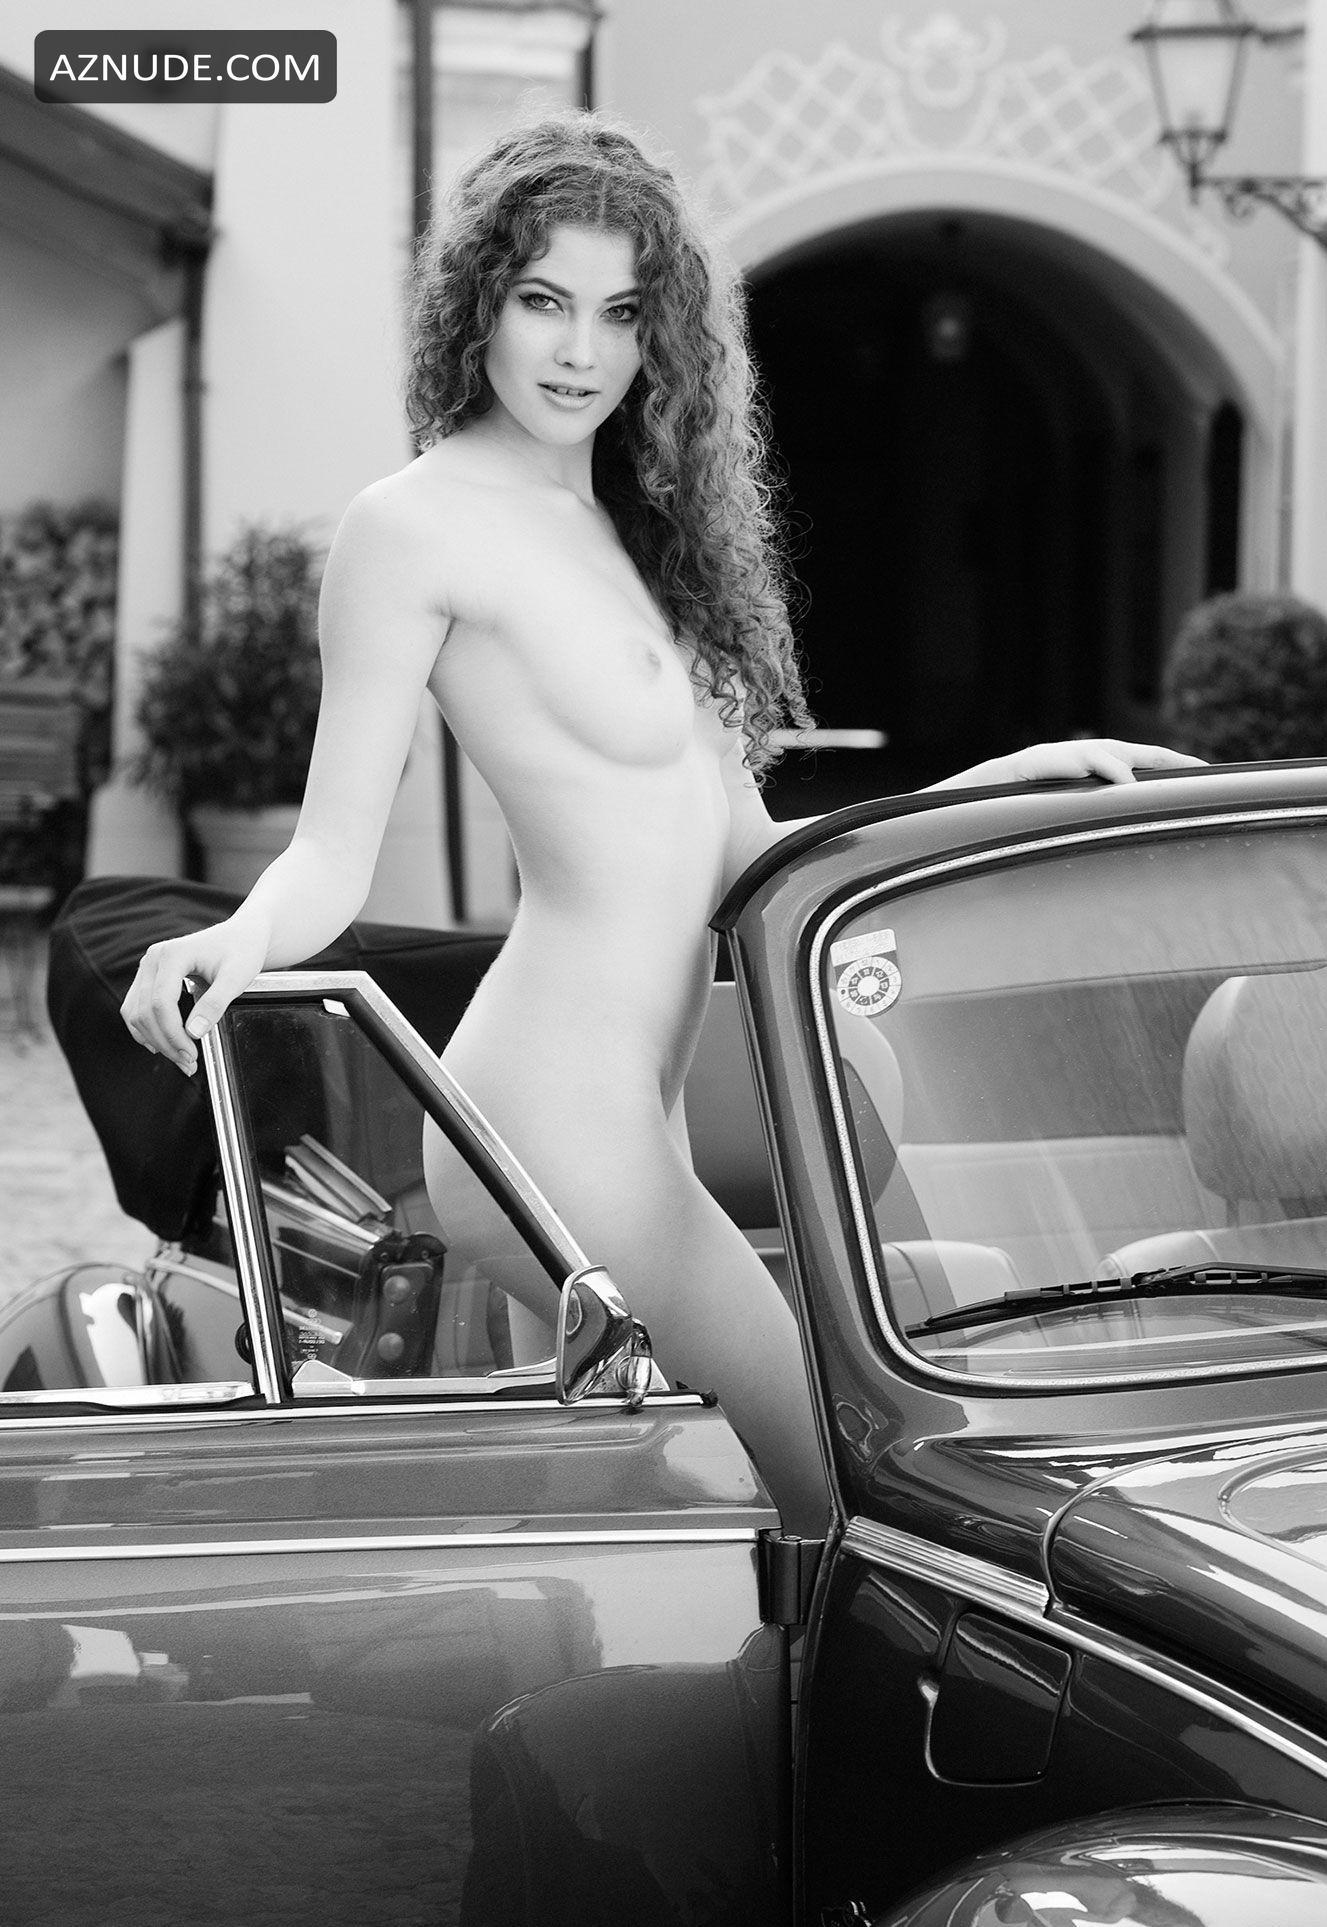 amanda paris topless